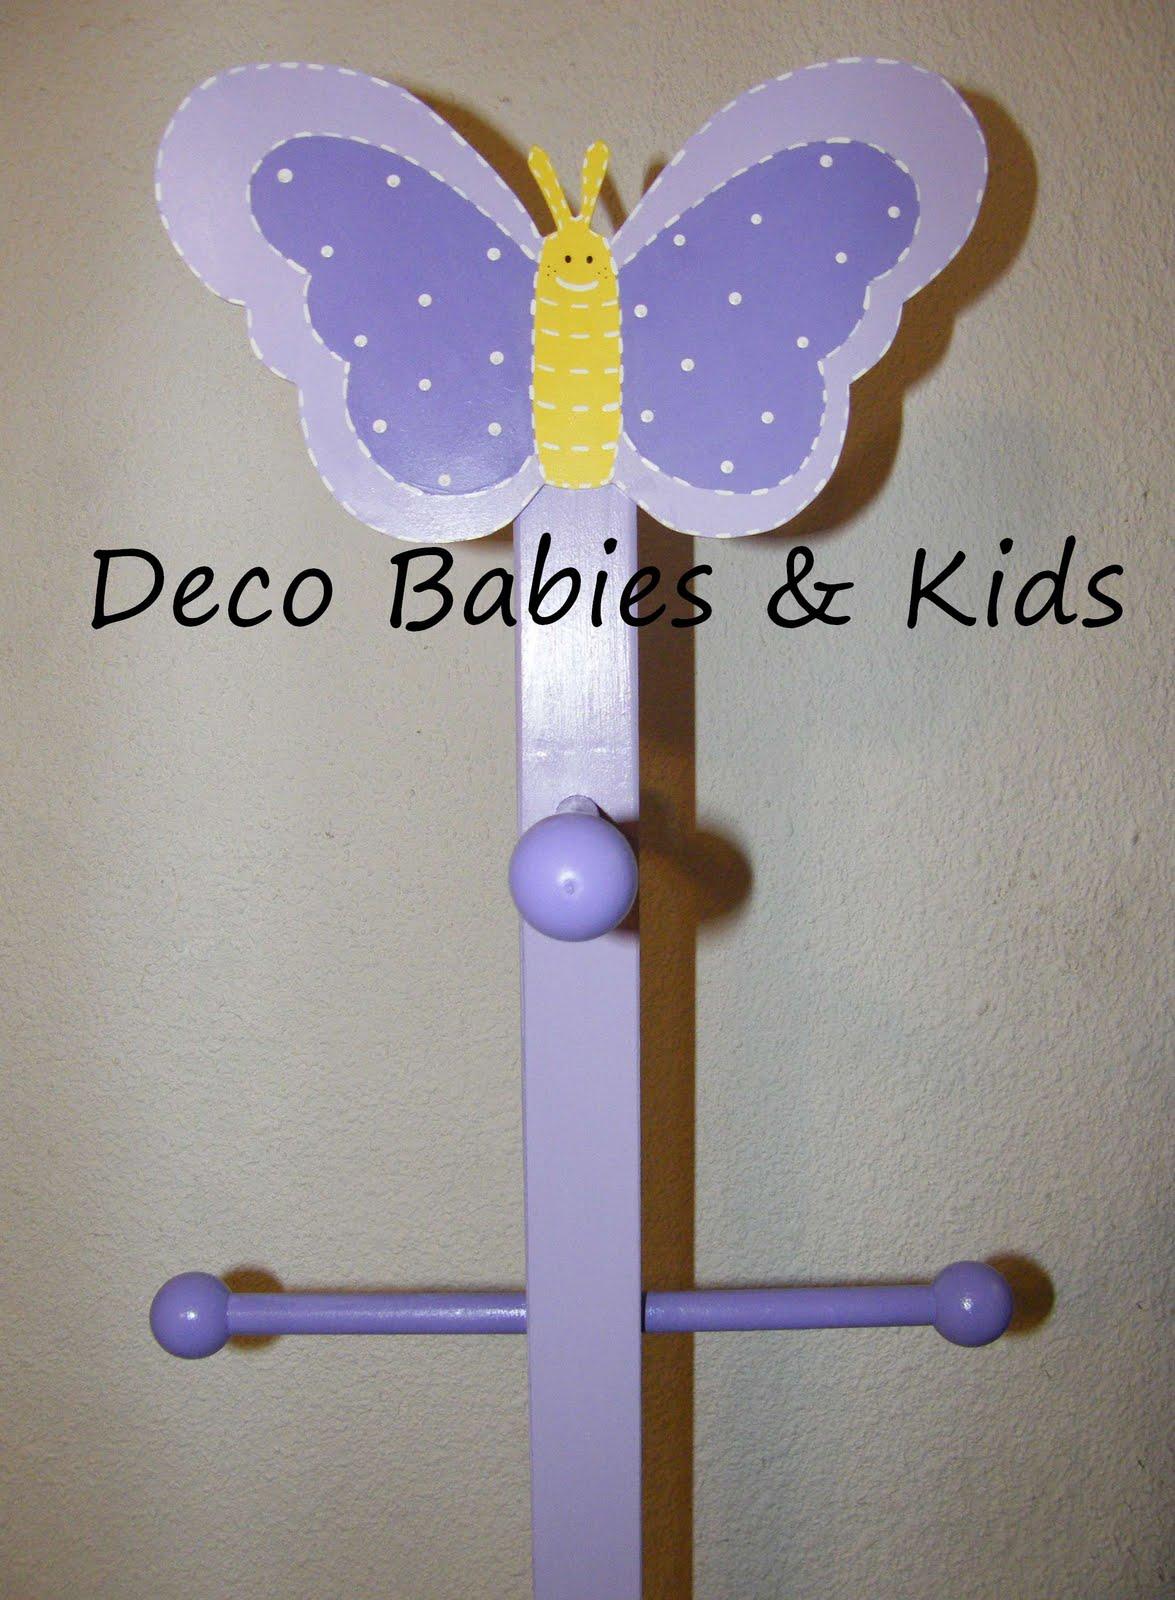 Deco babies kids perchero de pie mariposa - Percheros infantiles de pared ...